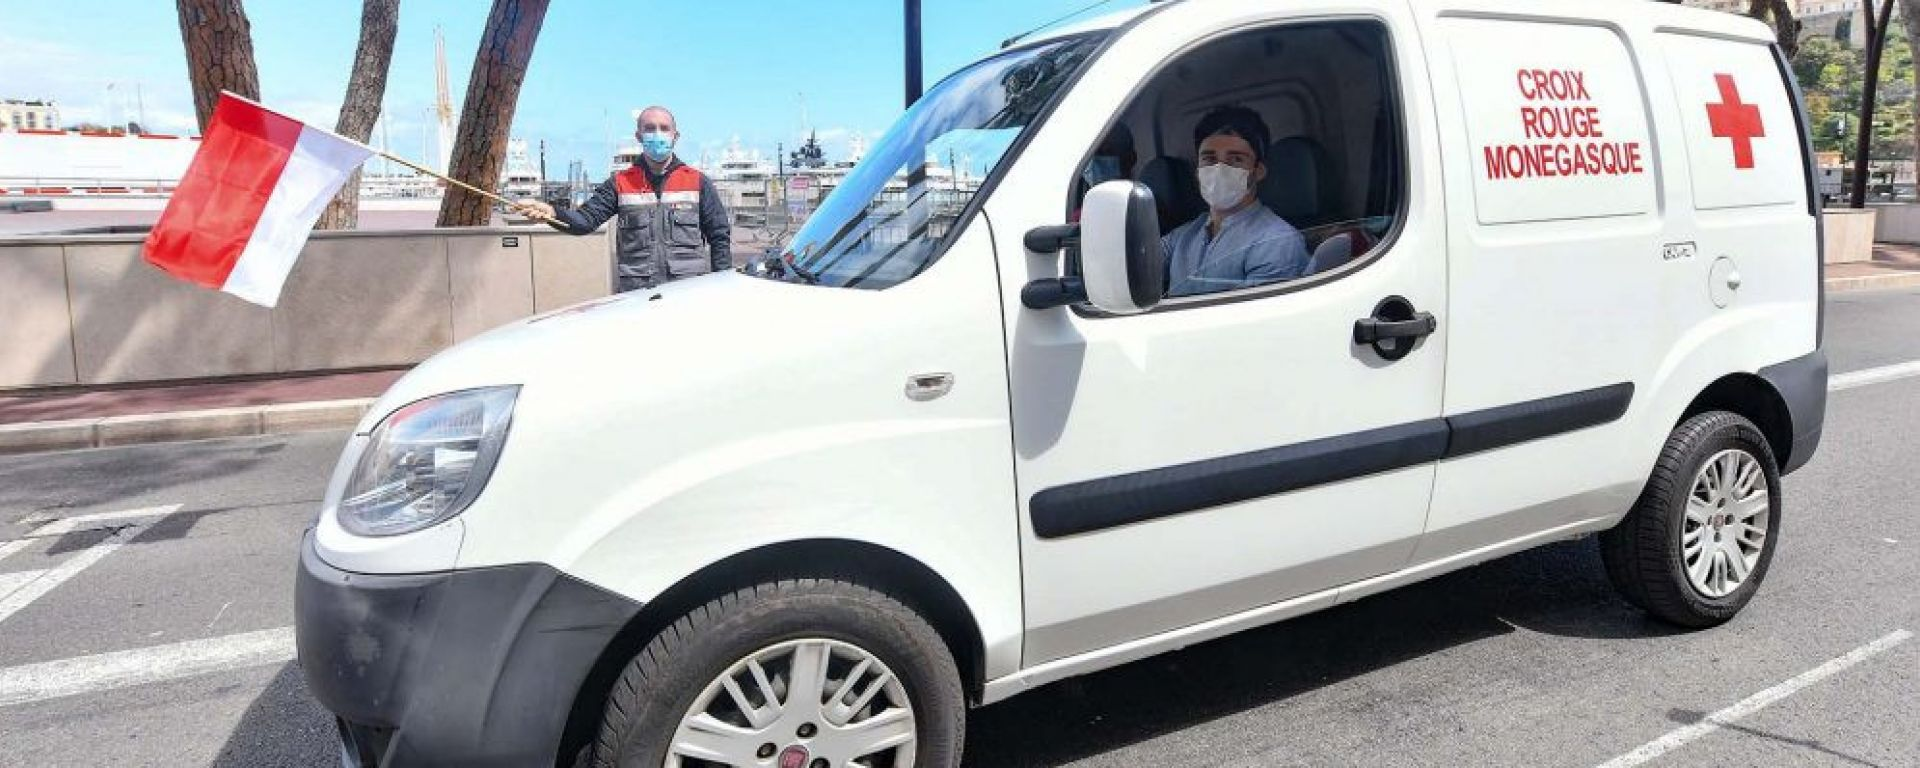 Charles Leclerc impegnato con la Croce Rossa monegasca